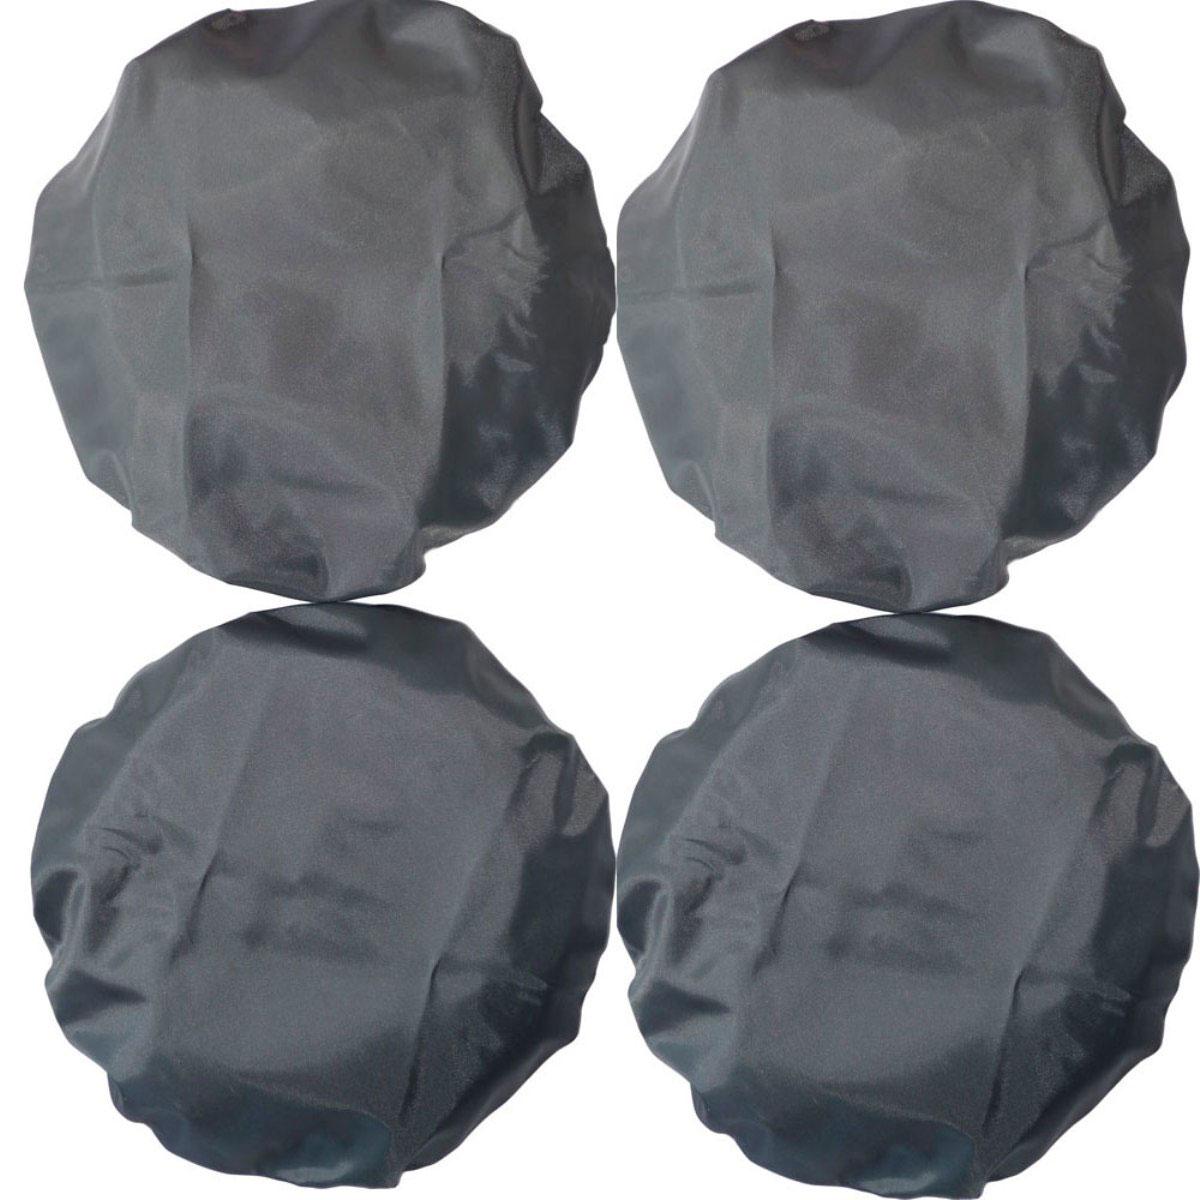 Чудо-Чадо Чехлы на колеса для коляски диаметр 40-45 см цвет мокрый асфальт 4 шт